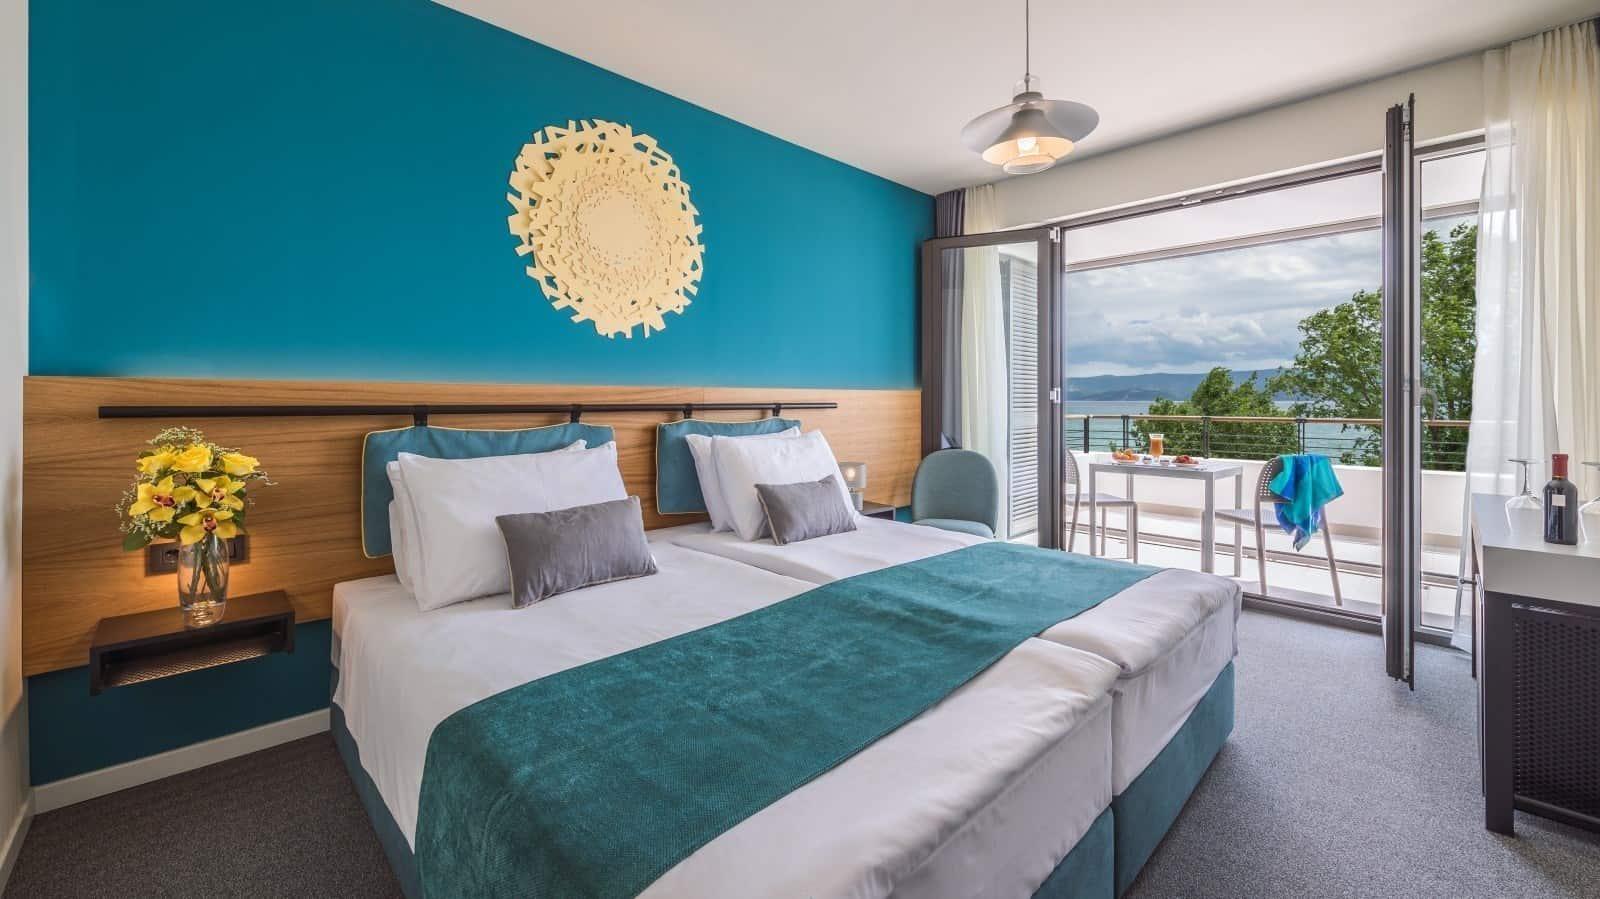 hotel nestos duce omis croatia 637372476607392840 3 1600 900